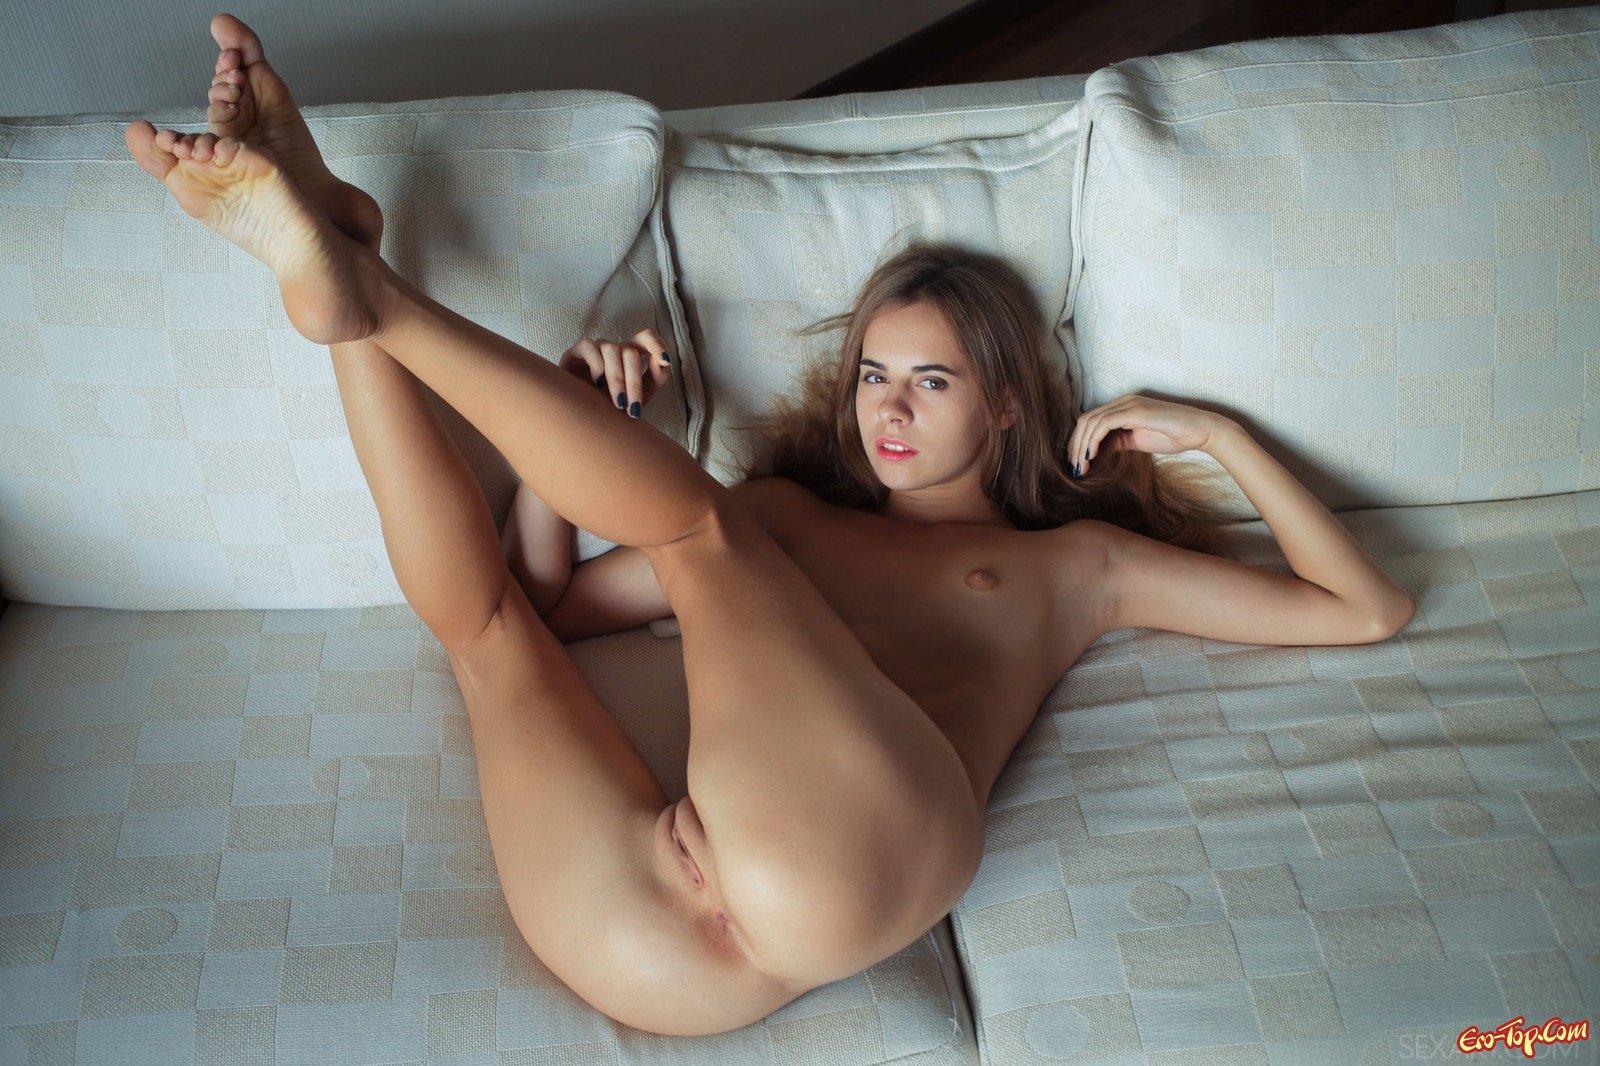 Голенькая девушка с сексуальной писькой на диване